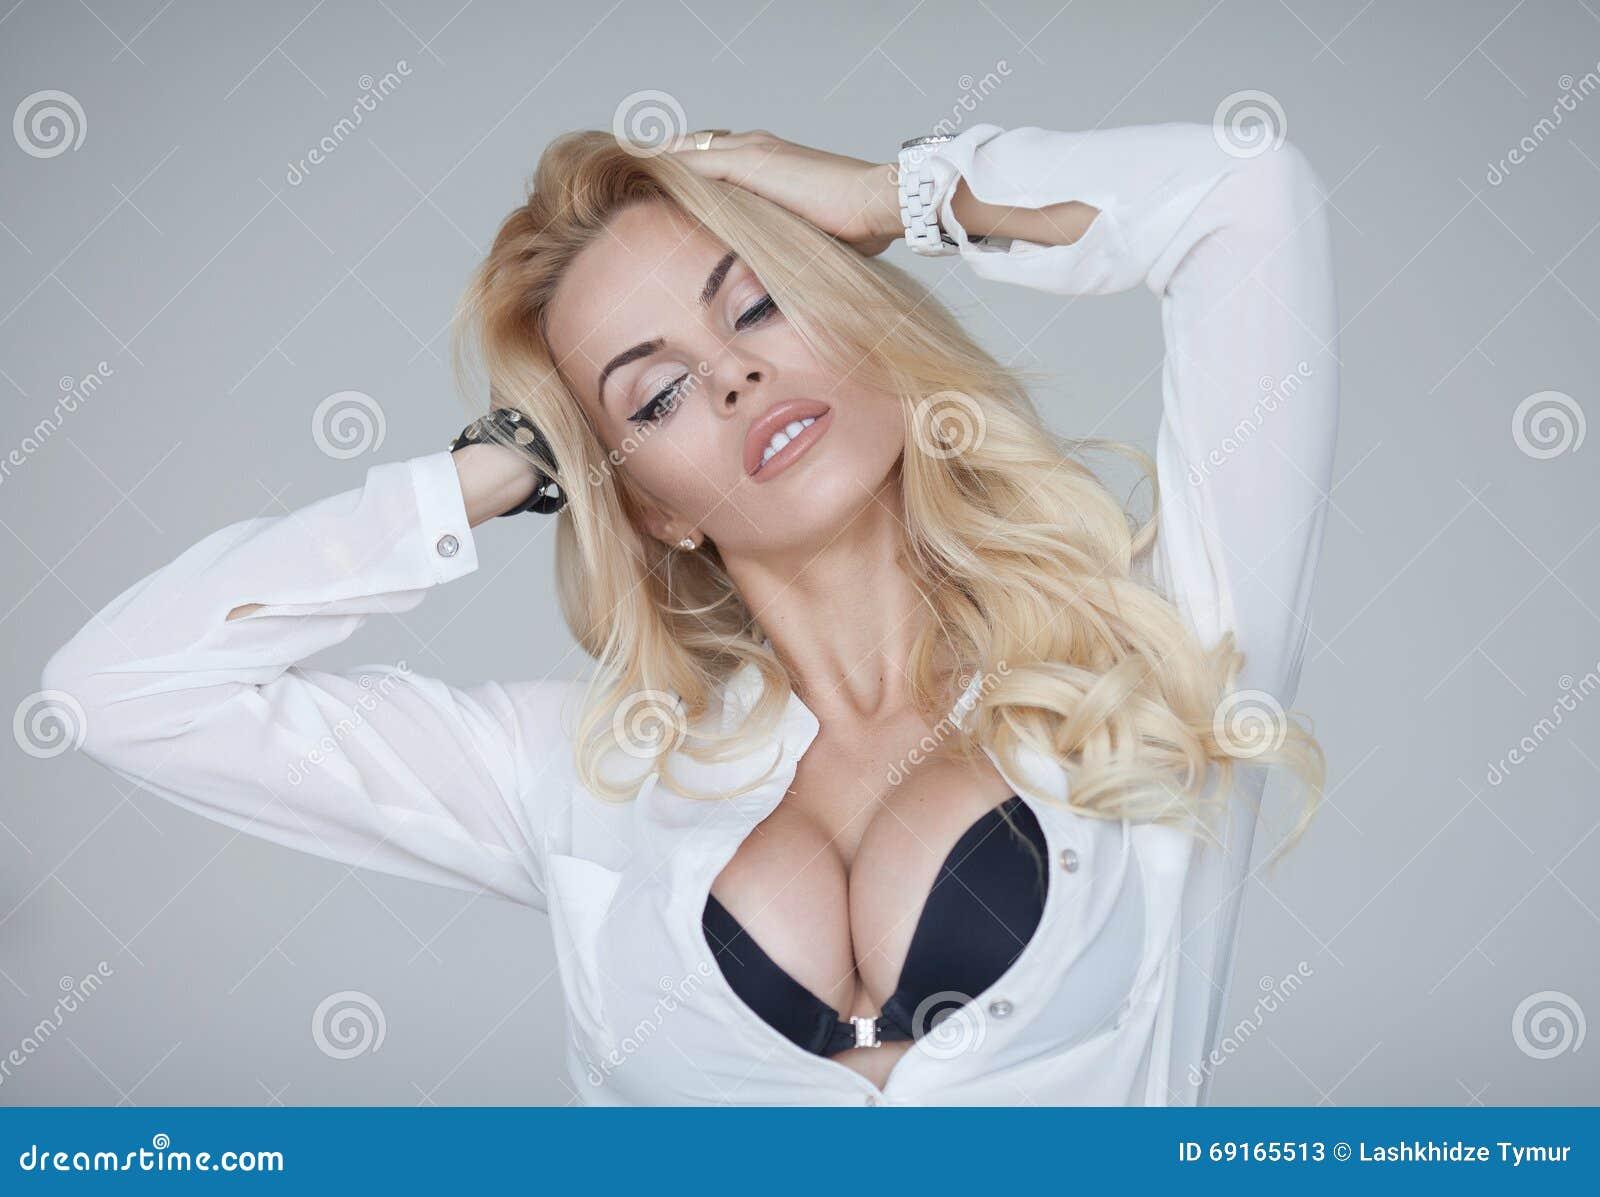 Sexy big ass blonde